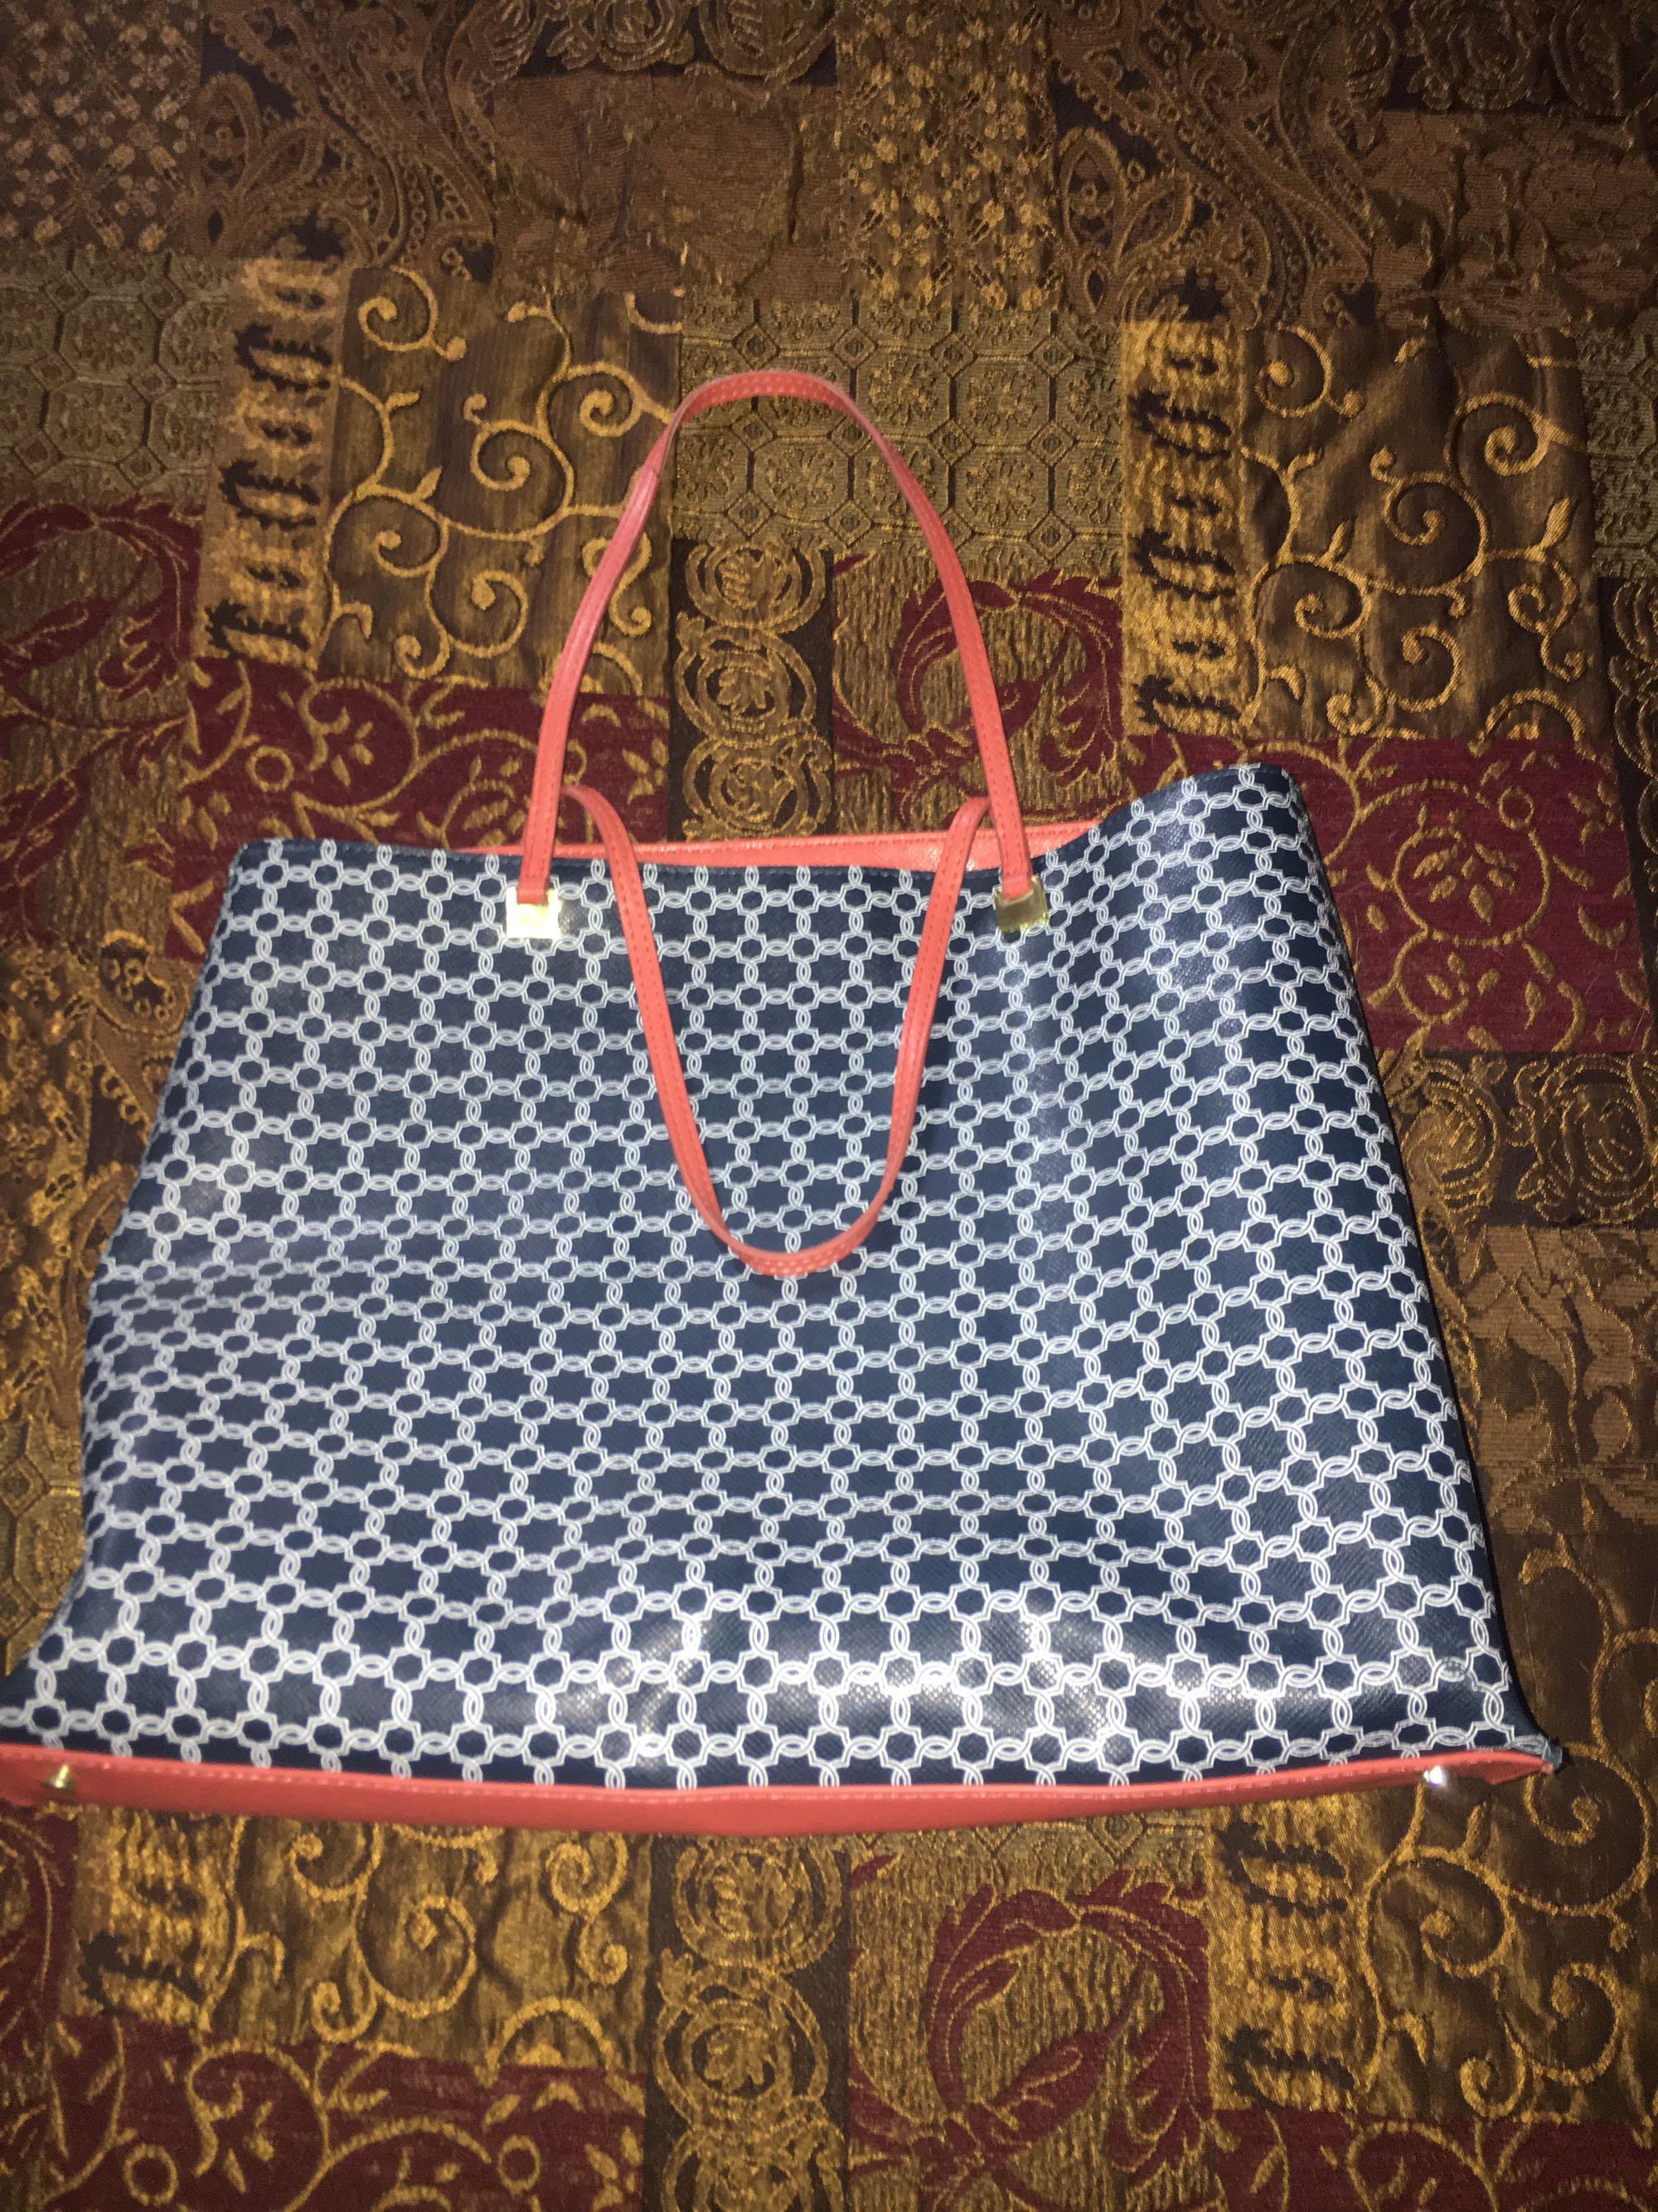 Ivanka Trump hand bag